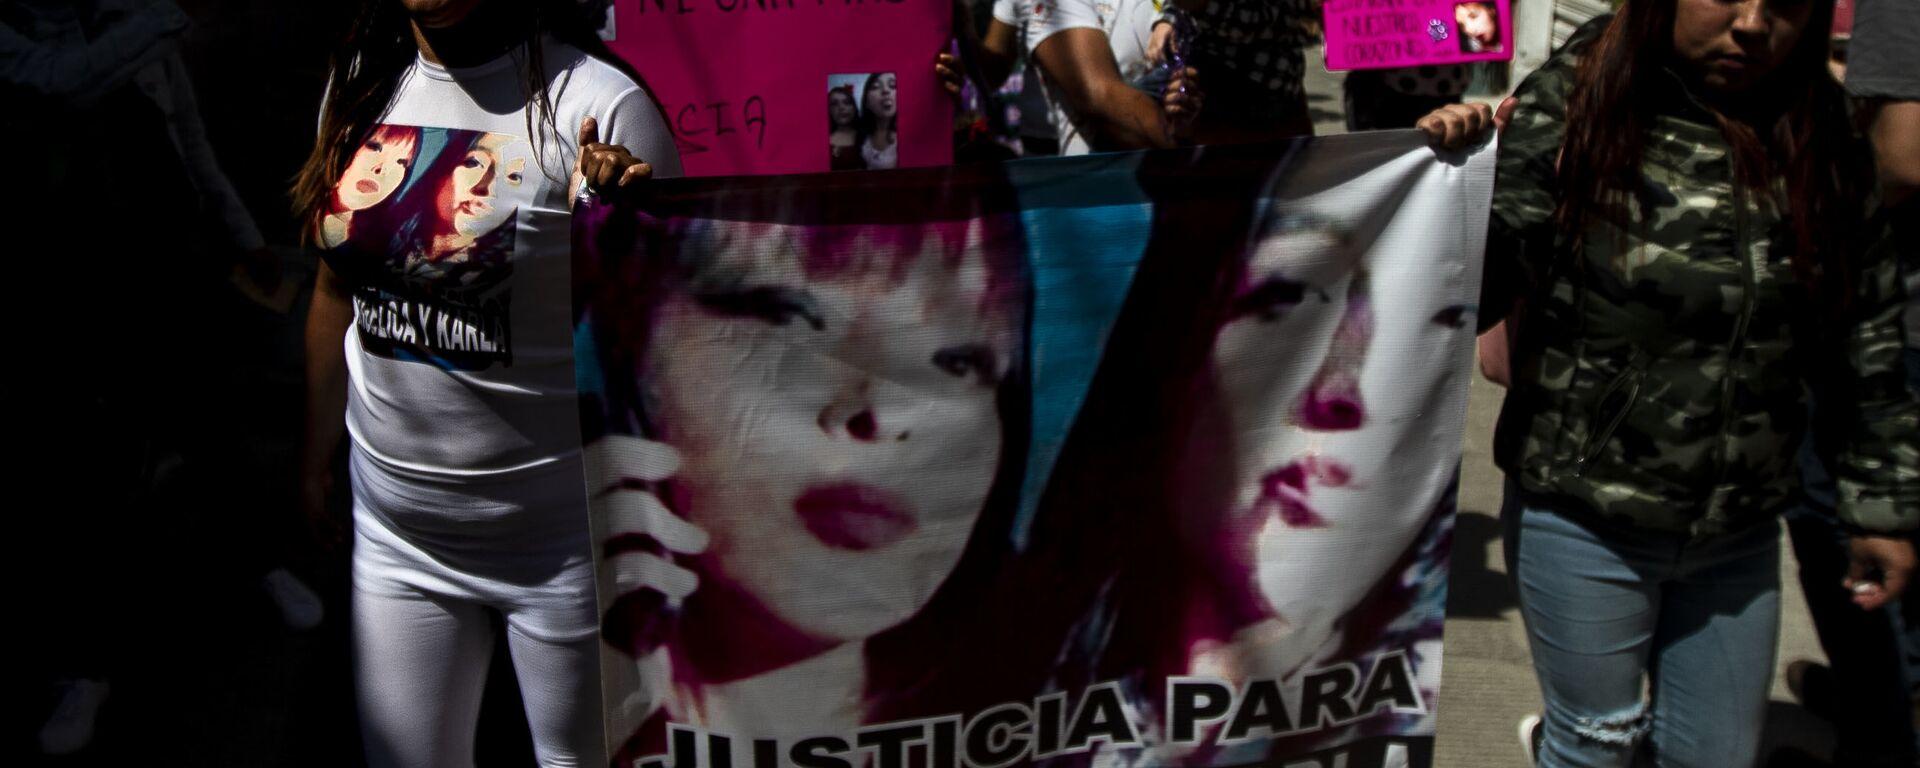 Familia de Angélica y Karla, madre e hija asesinadas en la colonia Jardines de Morelos, durante la caravana contra los feminicidios en Ecatepec, Estado de México - Sputnik Mundo, 1920, 07.10.2019